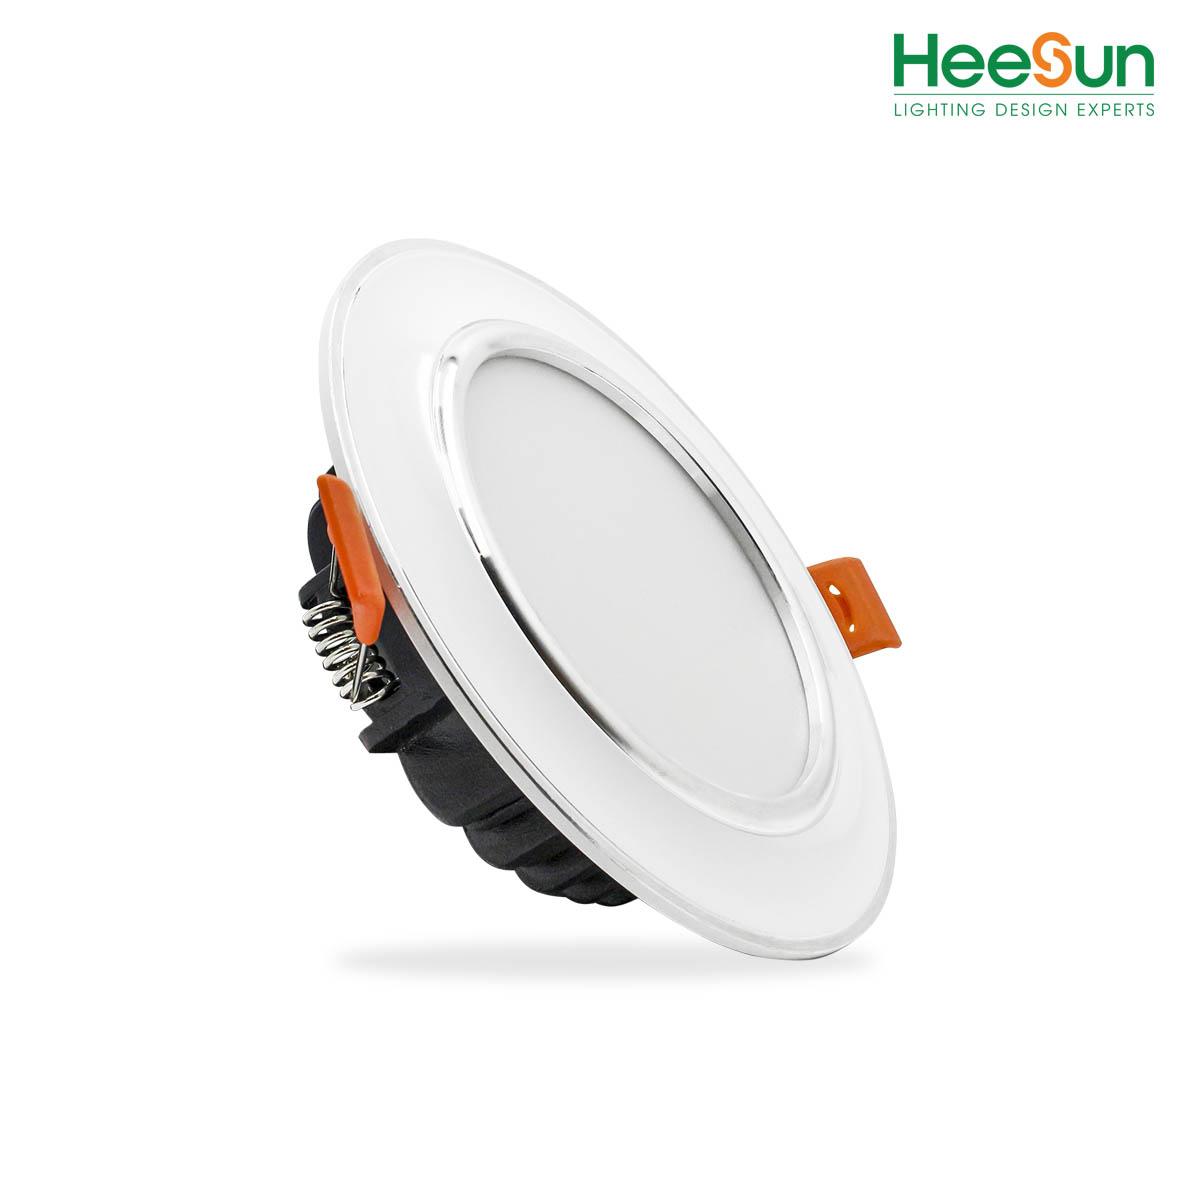 Đèn LED âm trần viền bạc HS-DVB07 - HEESUN VIỆT NAM